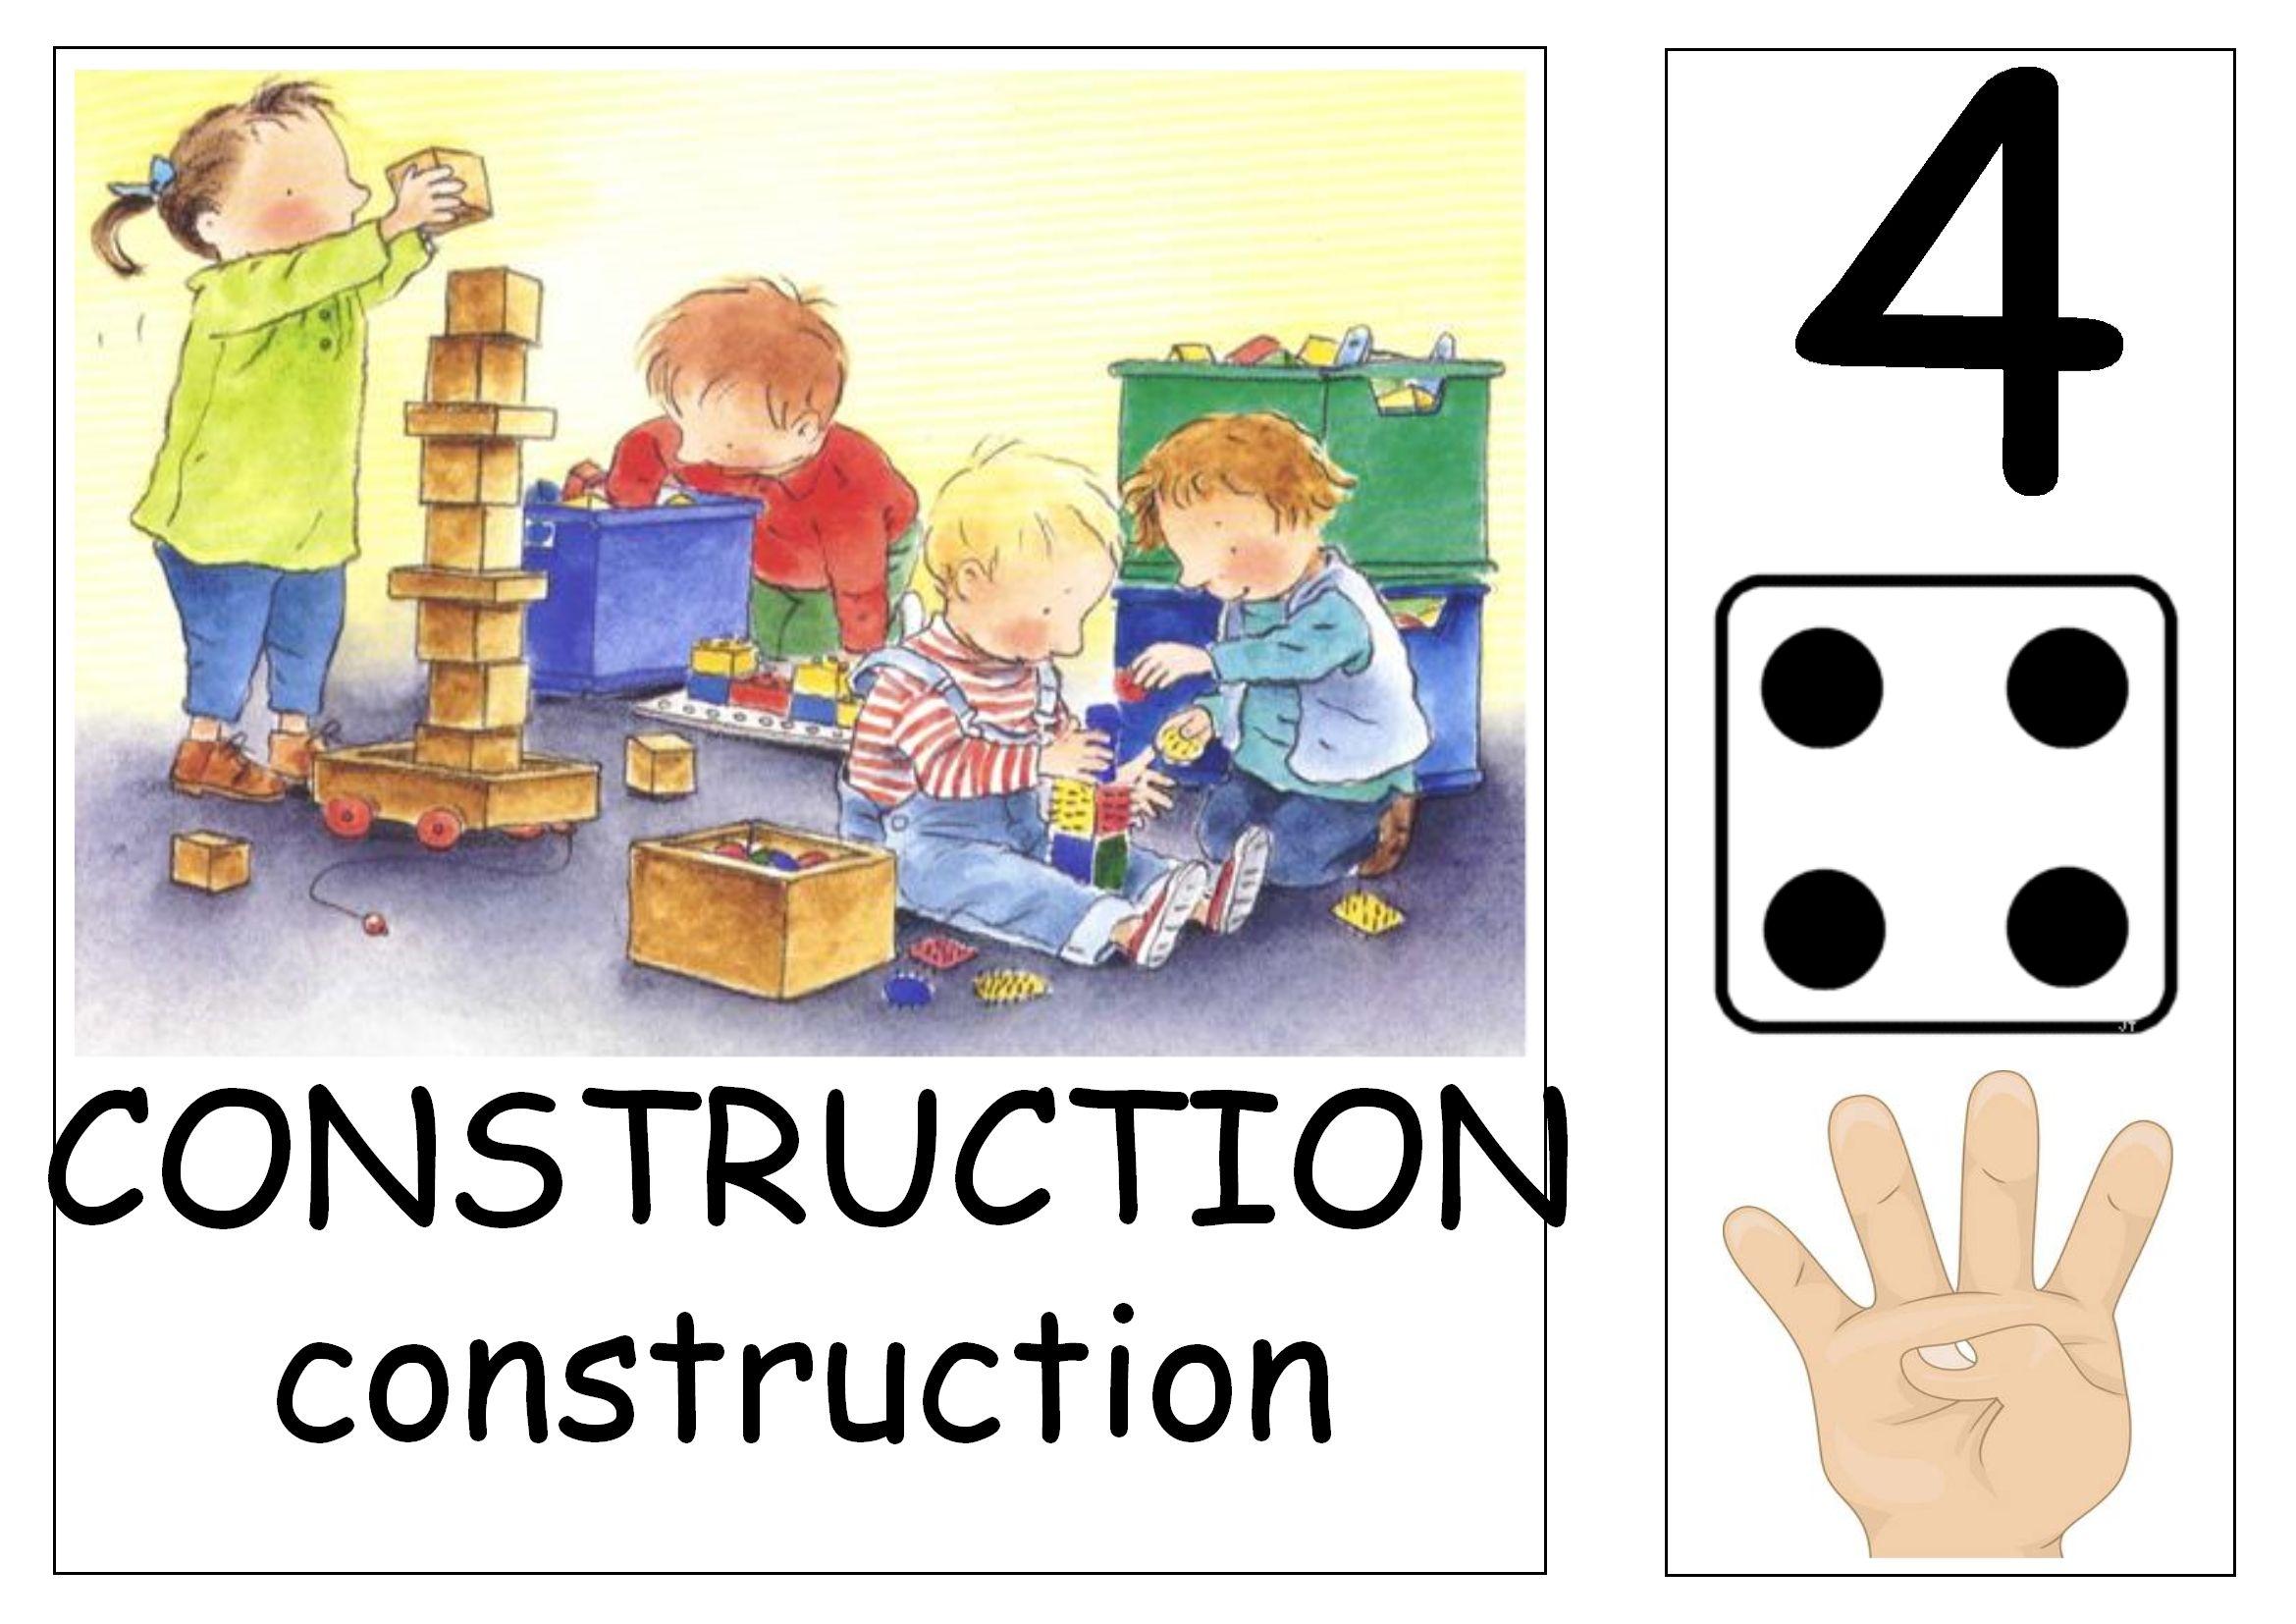 Les Affichettes Pour Les Coins Et Ateliers   Affichage à Jeux D Ecole Maternelle Gratuit